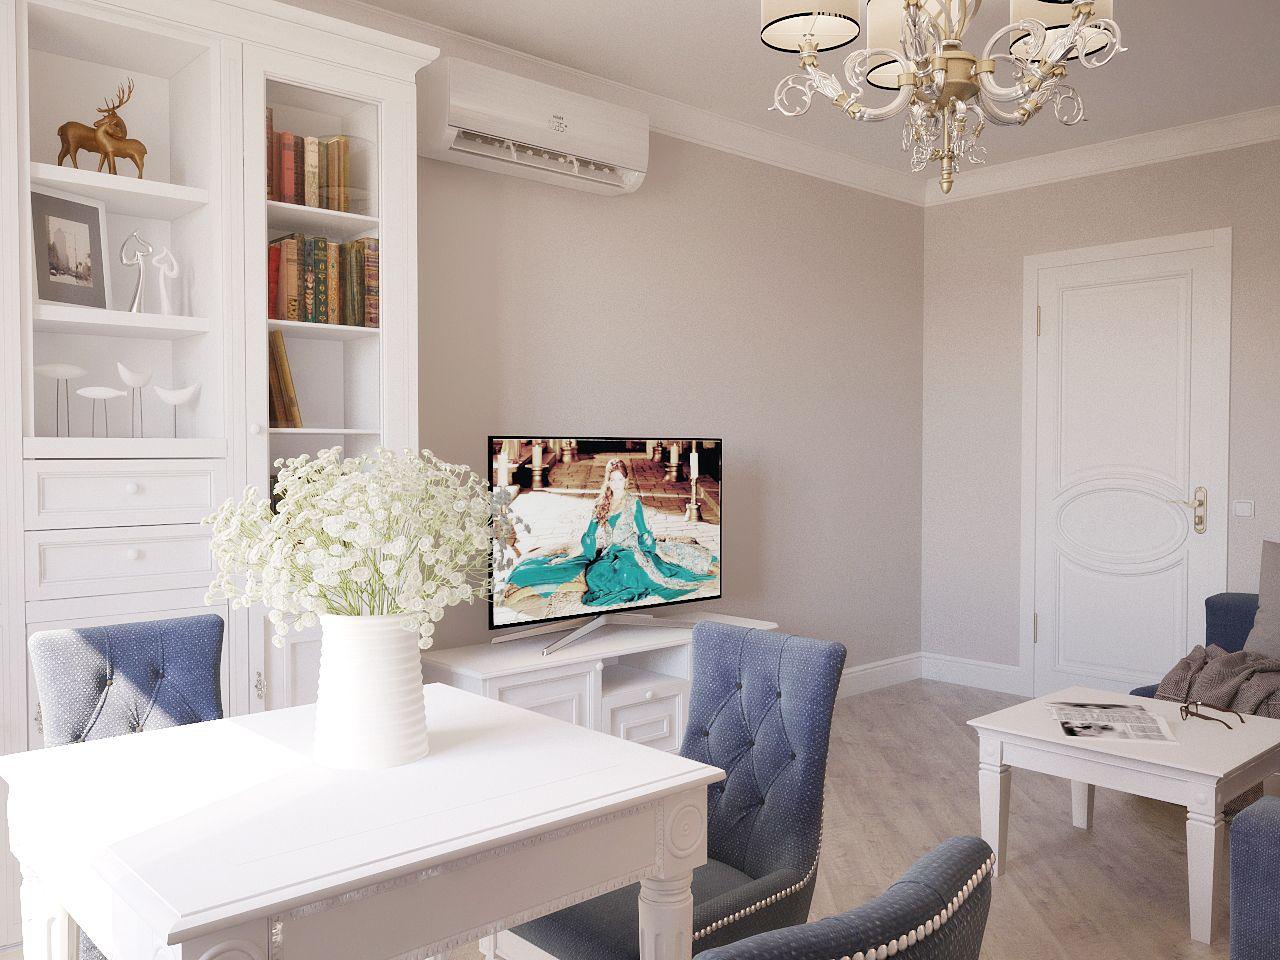 Дизайн интерьера гостиной в легкой класике Киев.